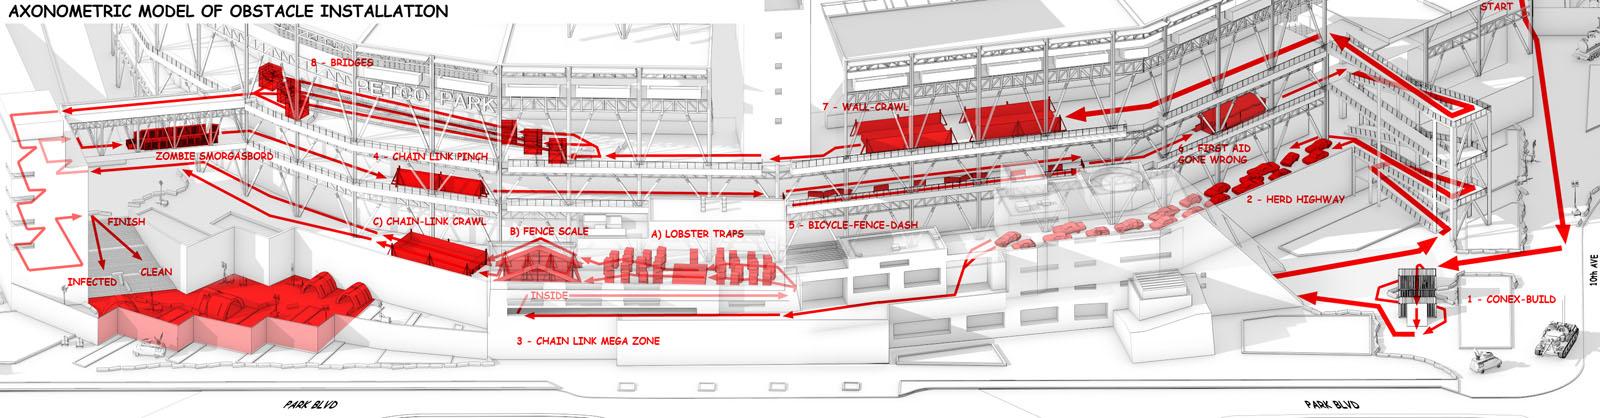 TWDE-diagram01.jpg